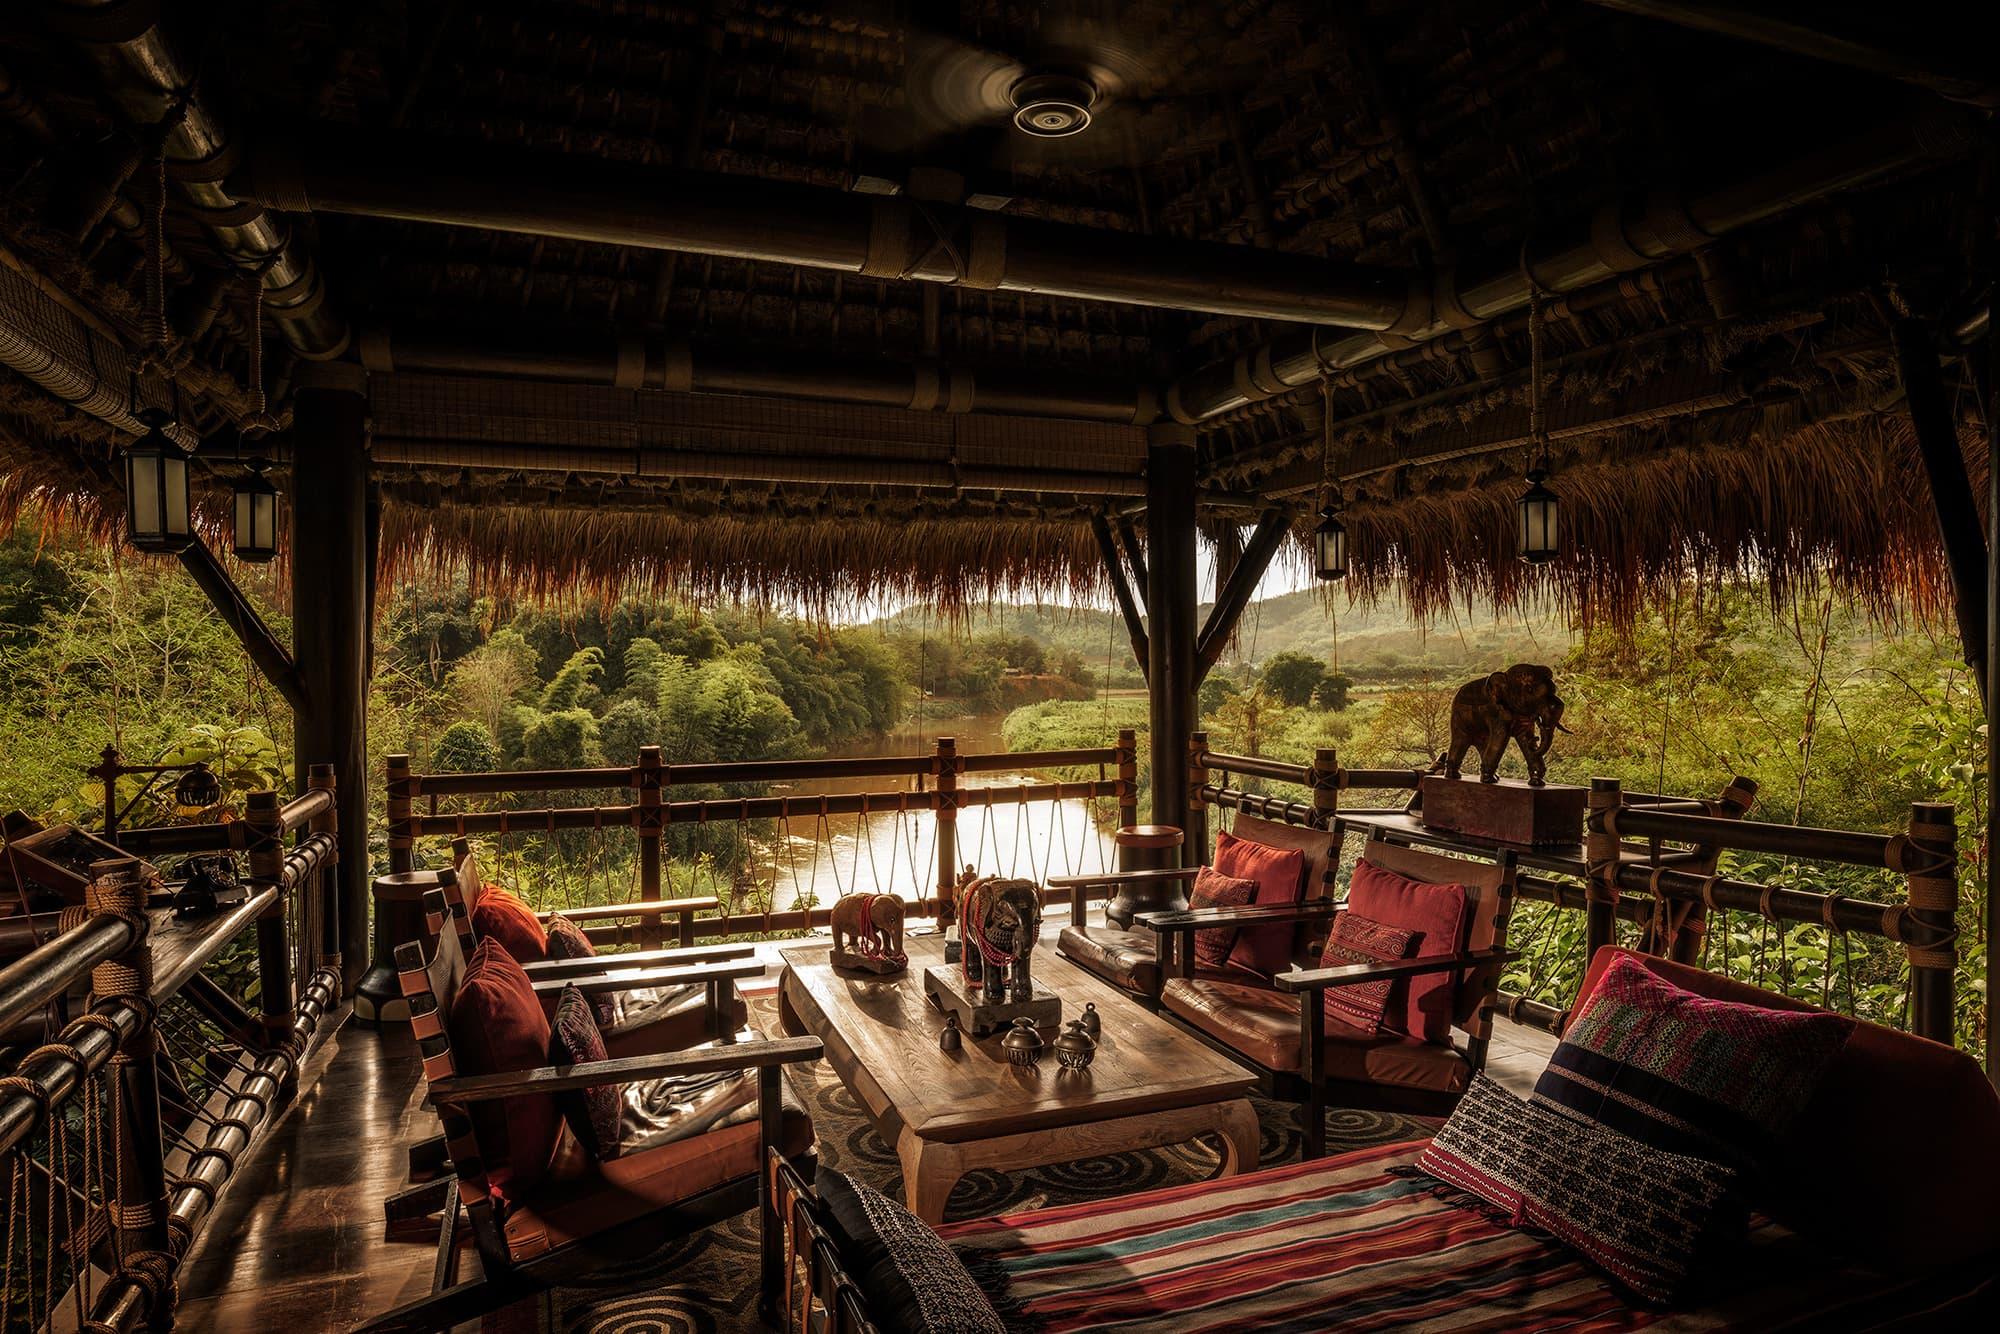 El triángulo de oro en campamento de lujo y Phi Phi Island - Tailandia- imagen #6